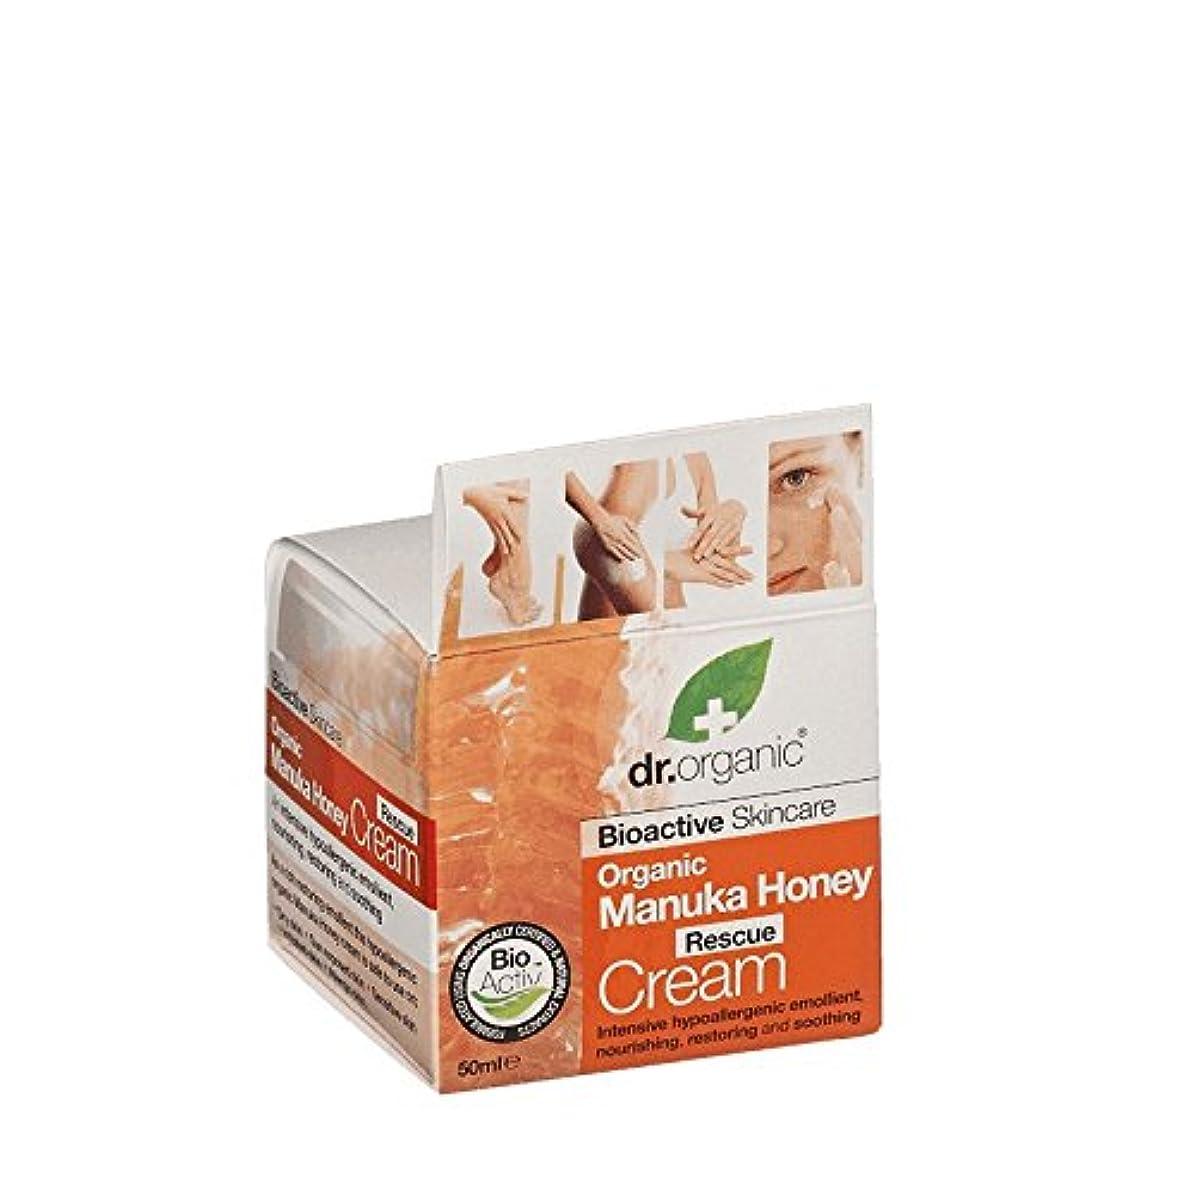 不足チャップライトニングDr Organic Manuka Honey Rescue Cream (Pack of 2) - Dr有機マヌカハニーレスキュークリーム (x2) [並行輸入品]